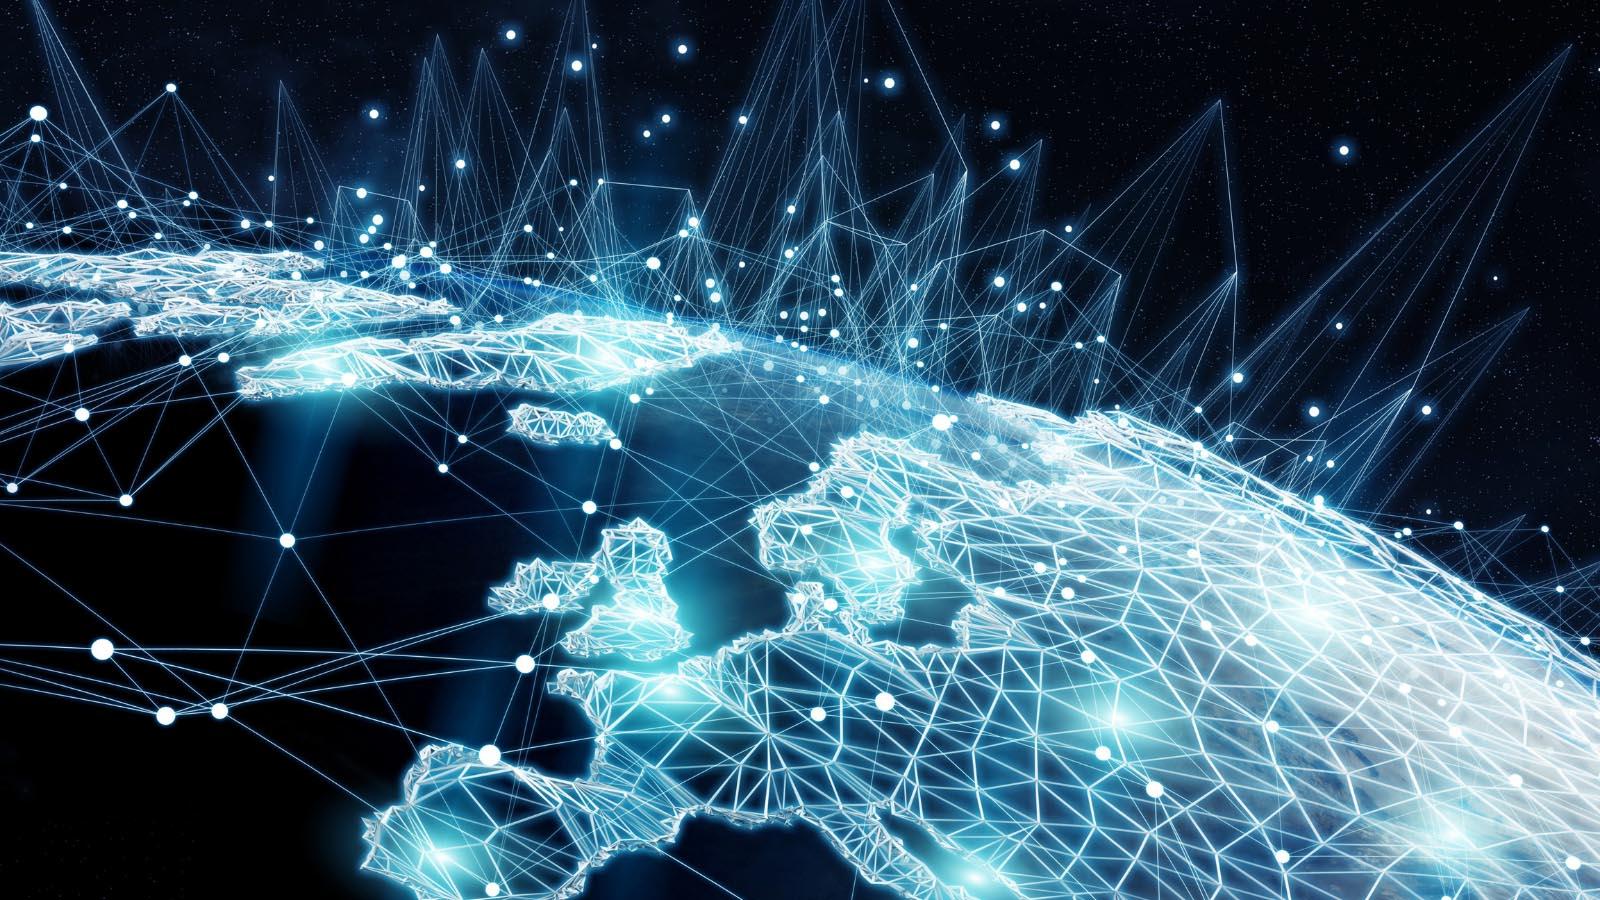 Network monitoring tools